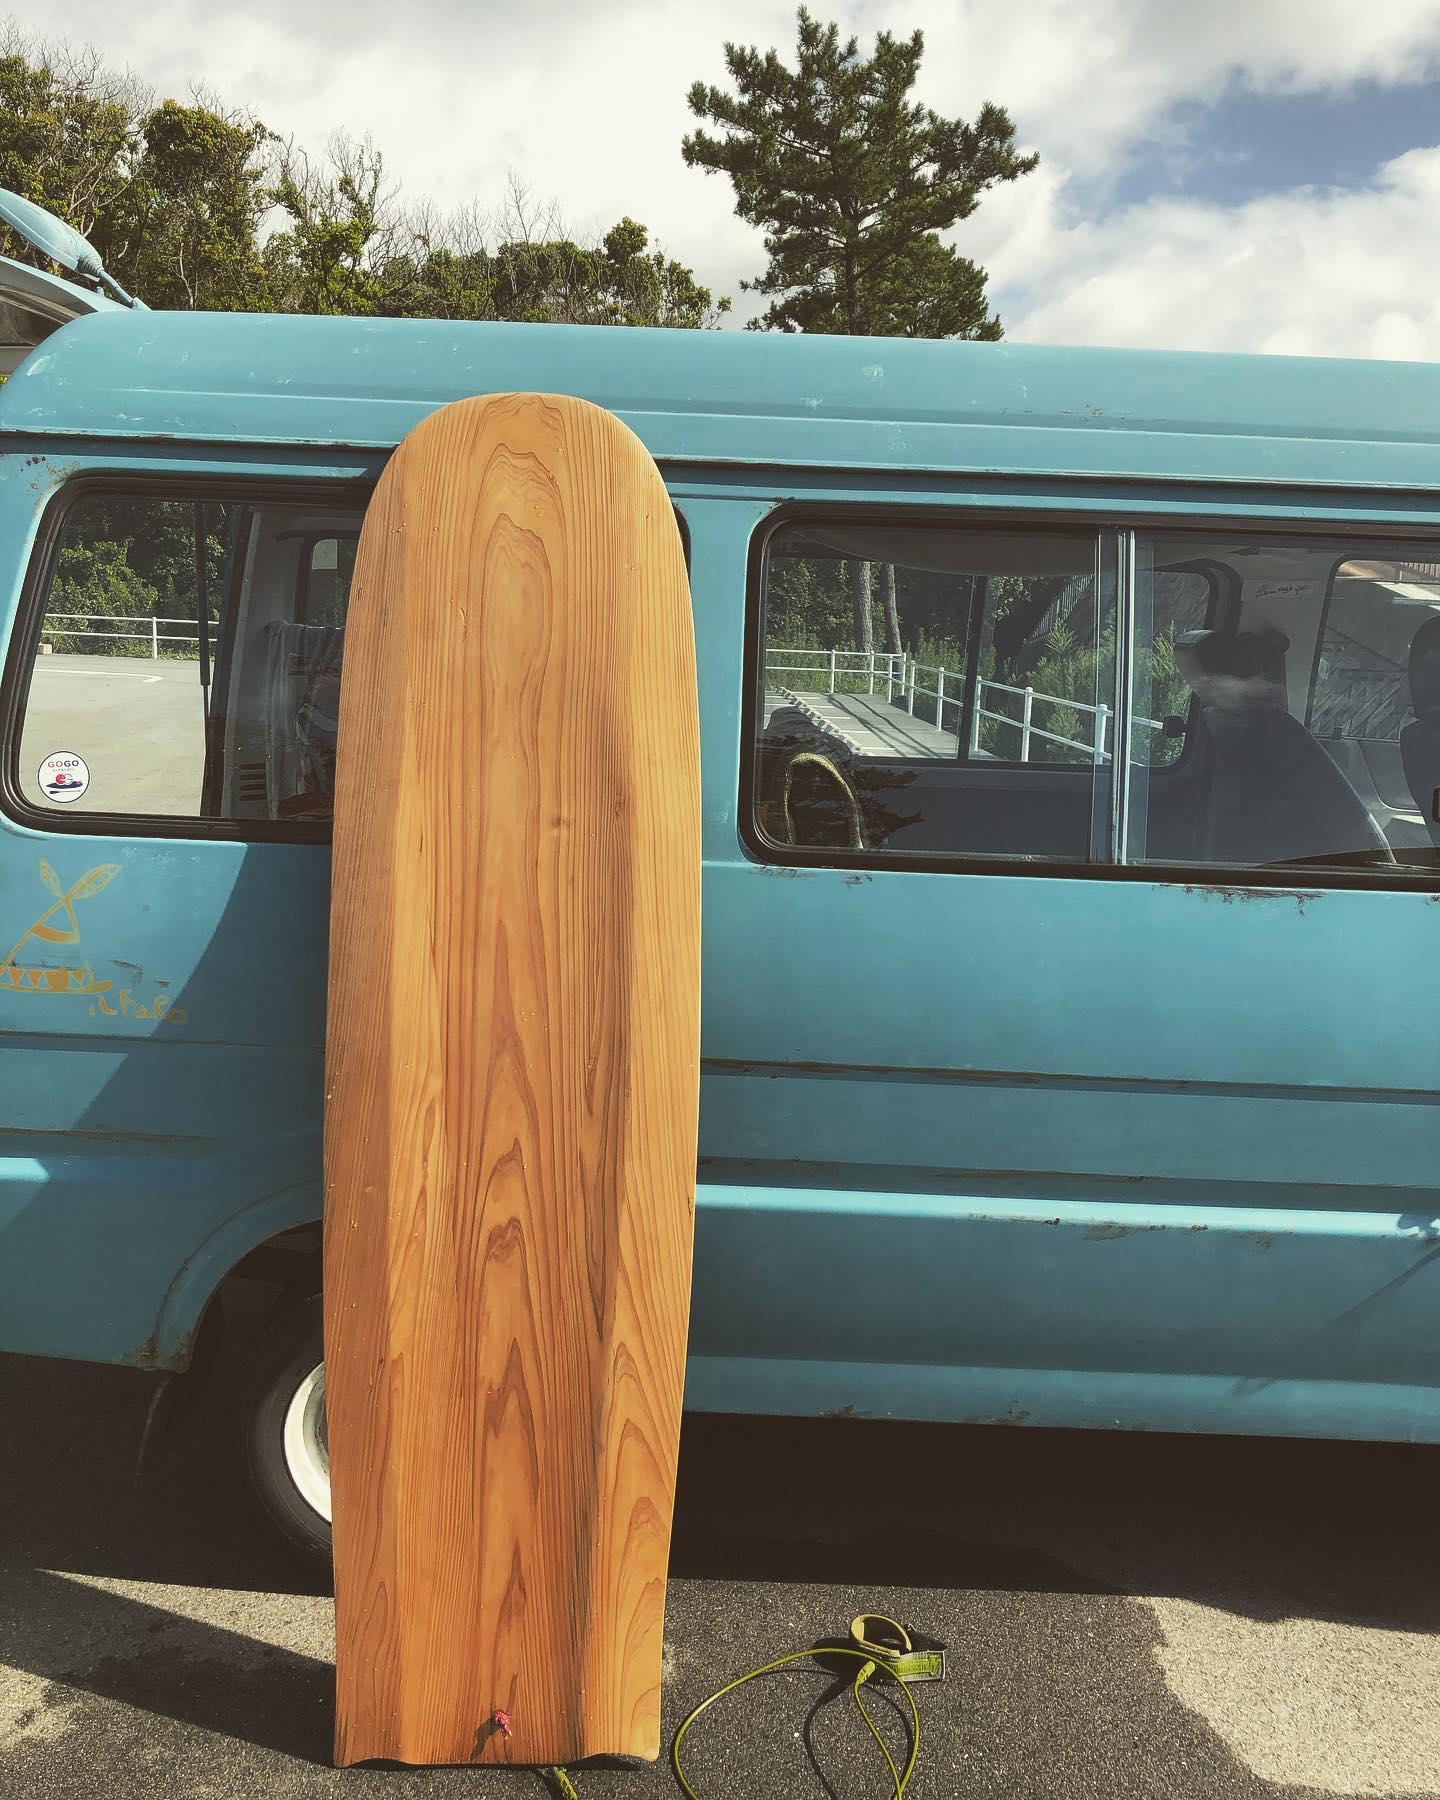 woodboardkukualaia #woodboardkuku#wooddensurfboard #alaiasurfboards #木頭杉#徳島県産材#波乗り#原点回帰@woodboardkuku @nakawood